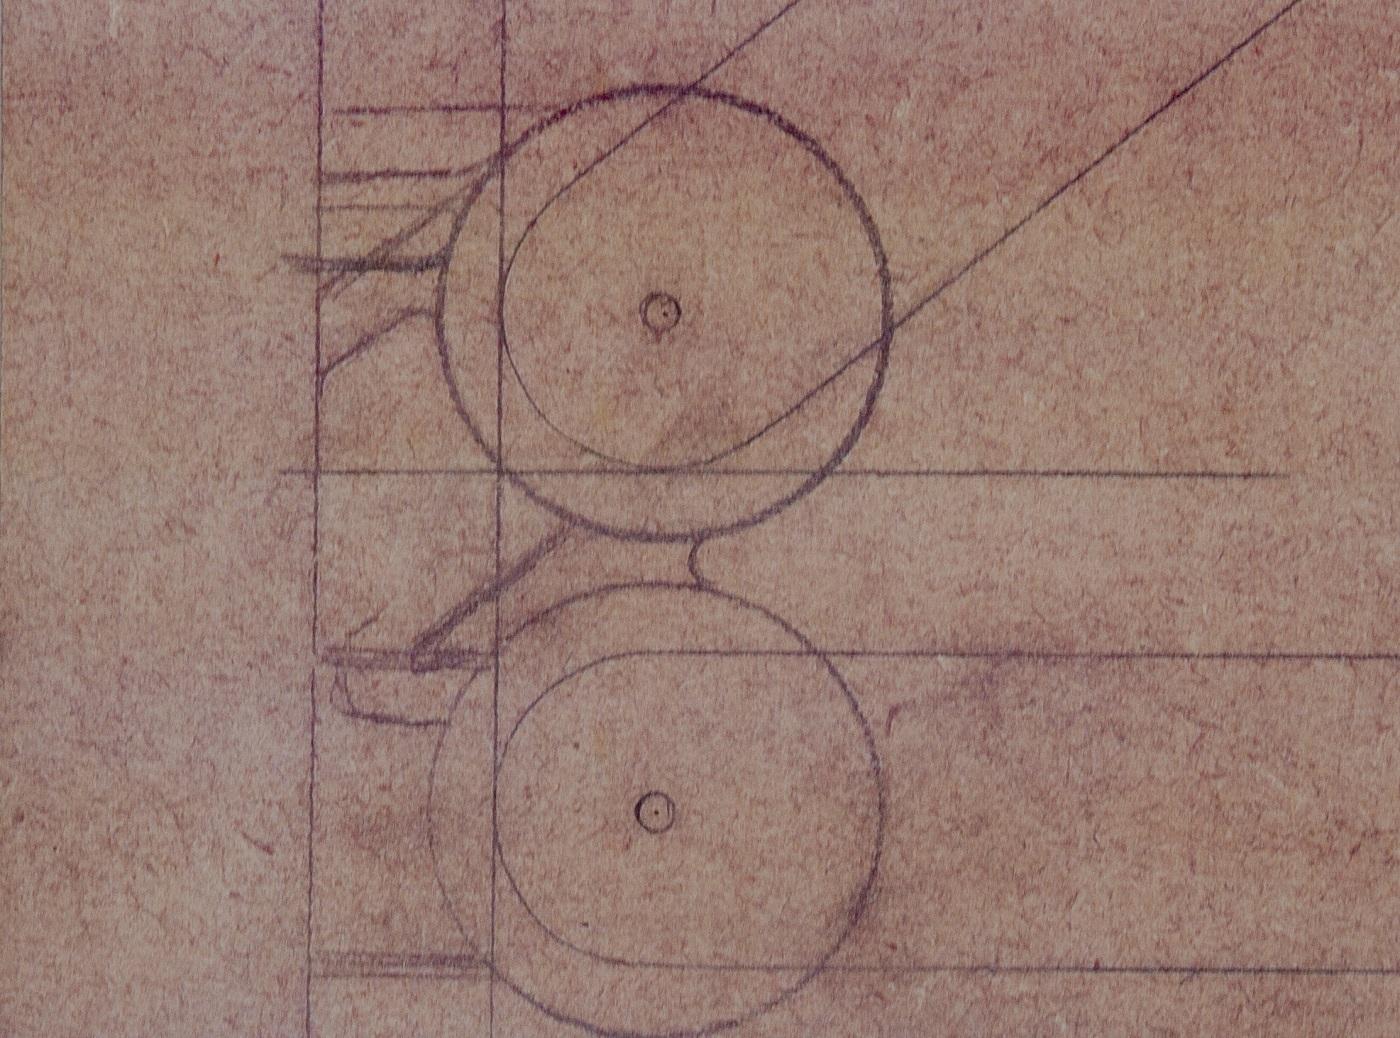 Schets van de Constructie lampen van Joost van Bleiswijk voor Moooii